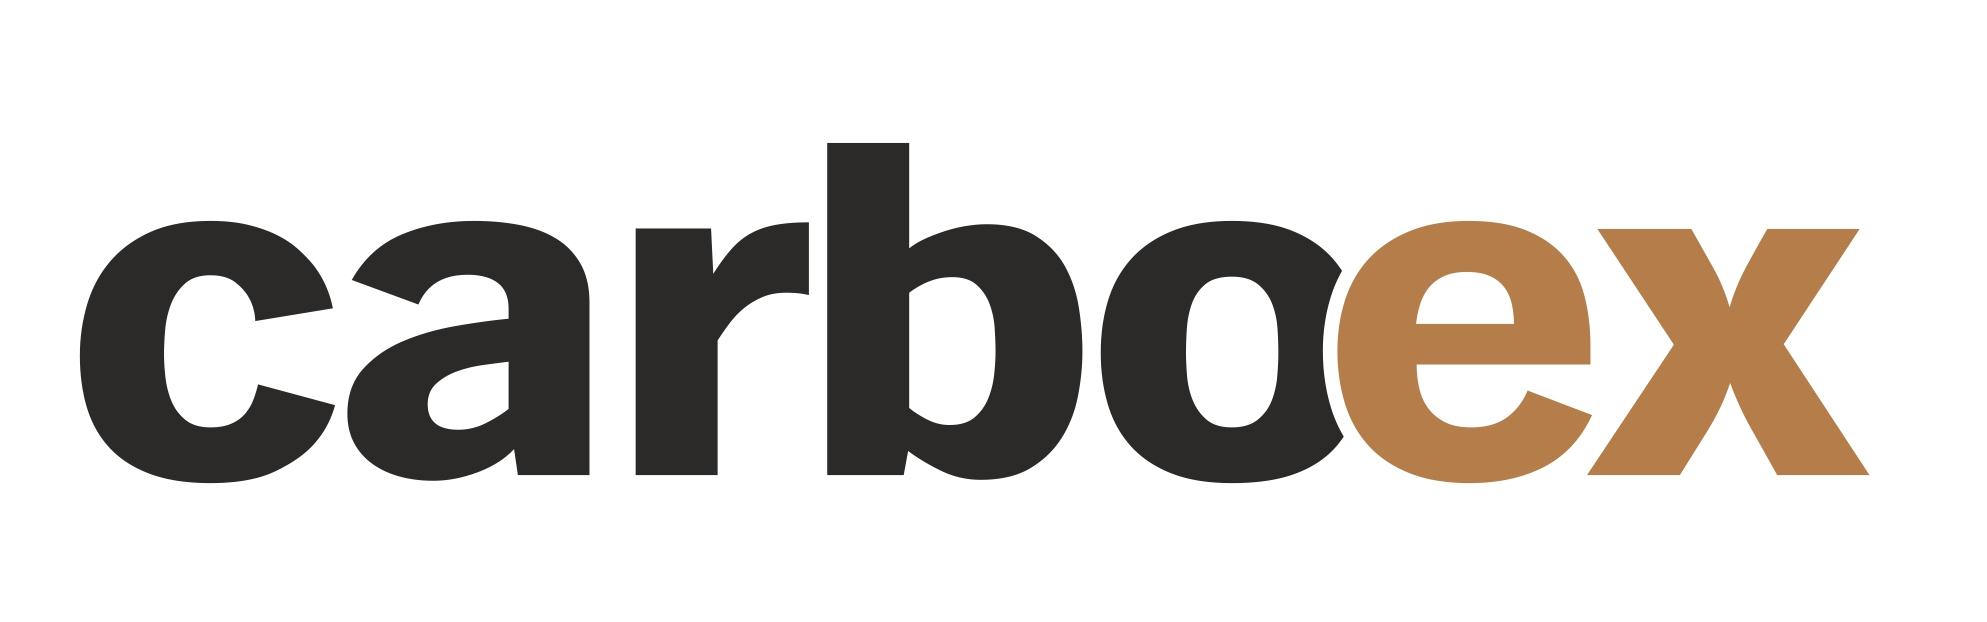 Carboex